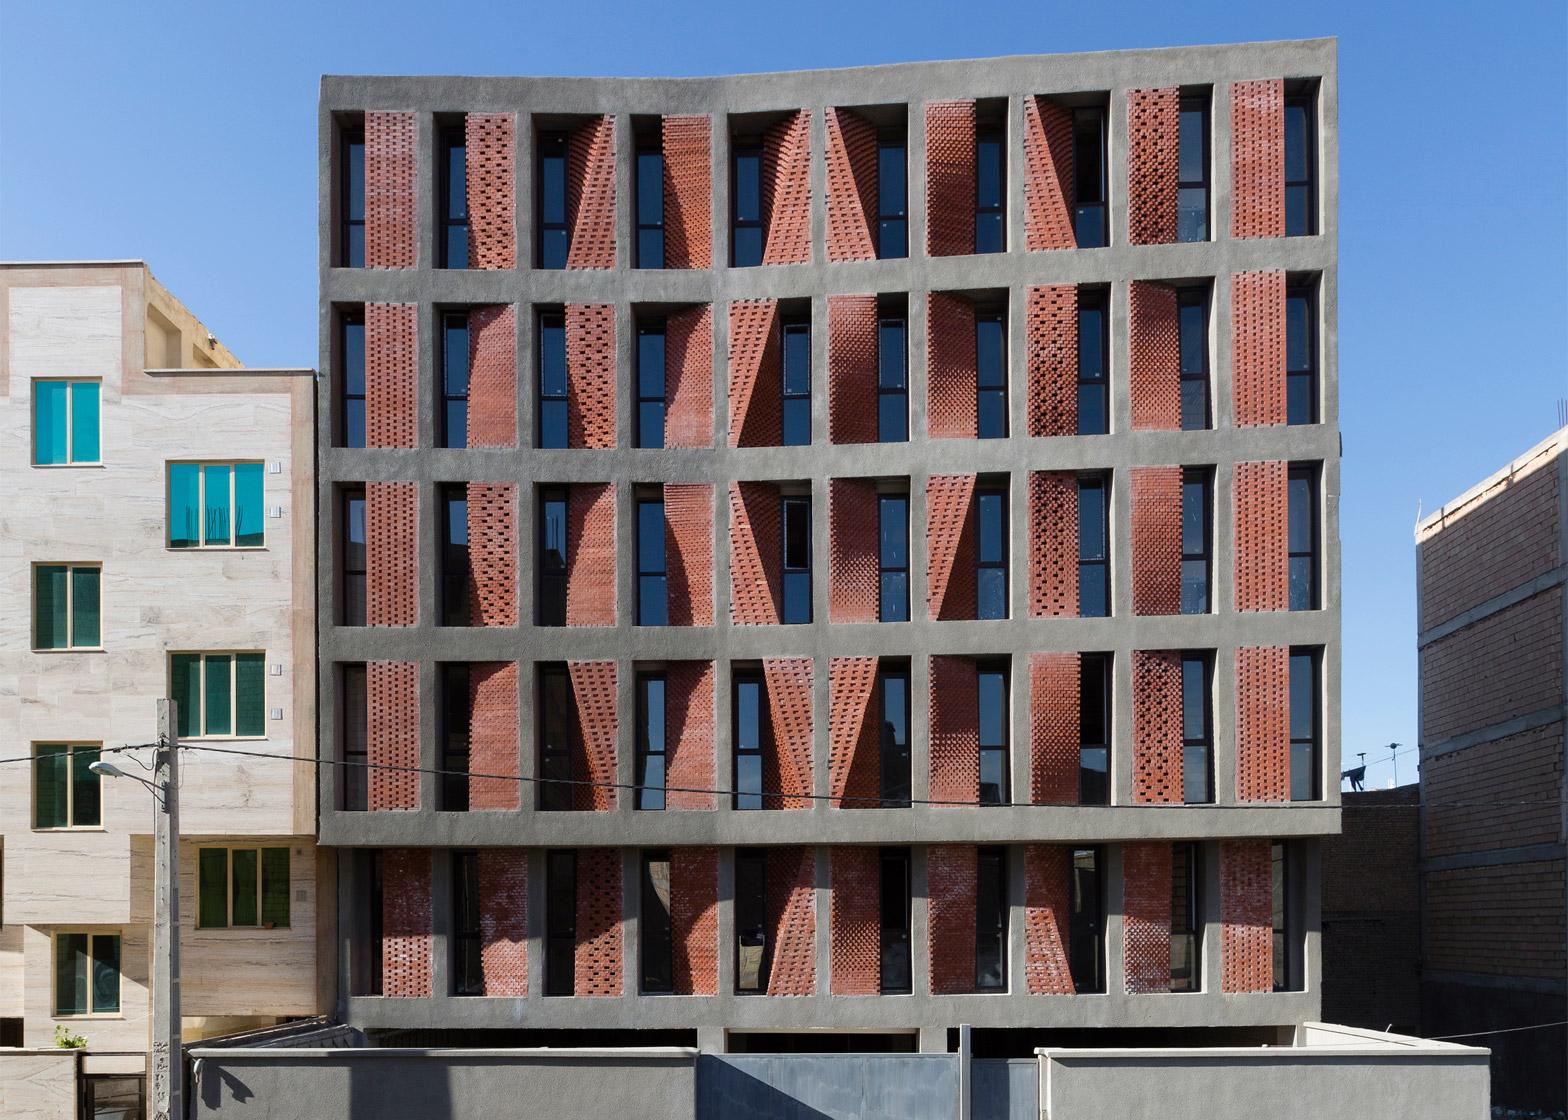 ساختمان کهریزک ؛ طراح : CAAT STUDIO